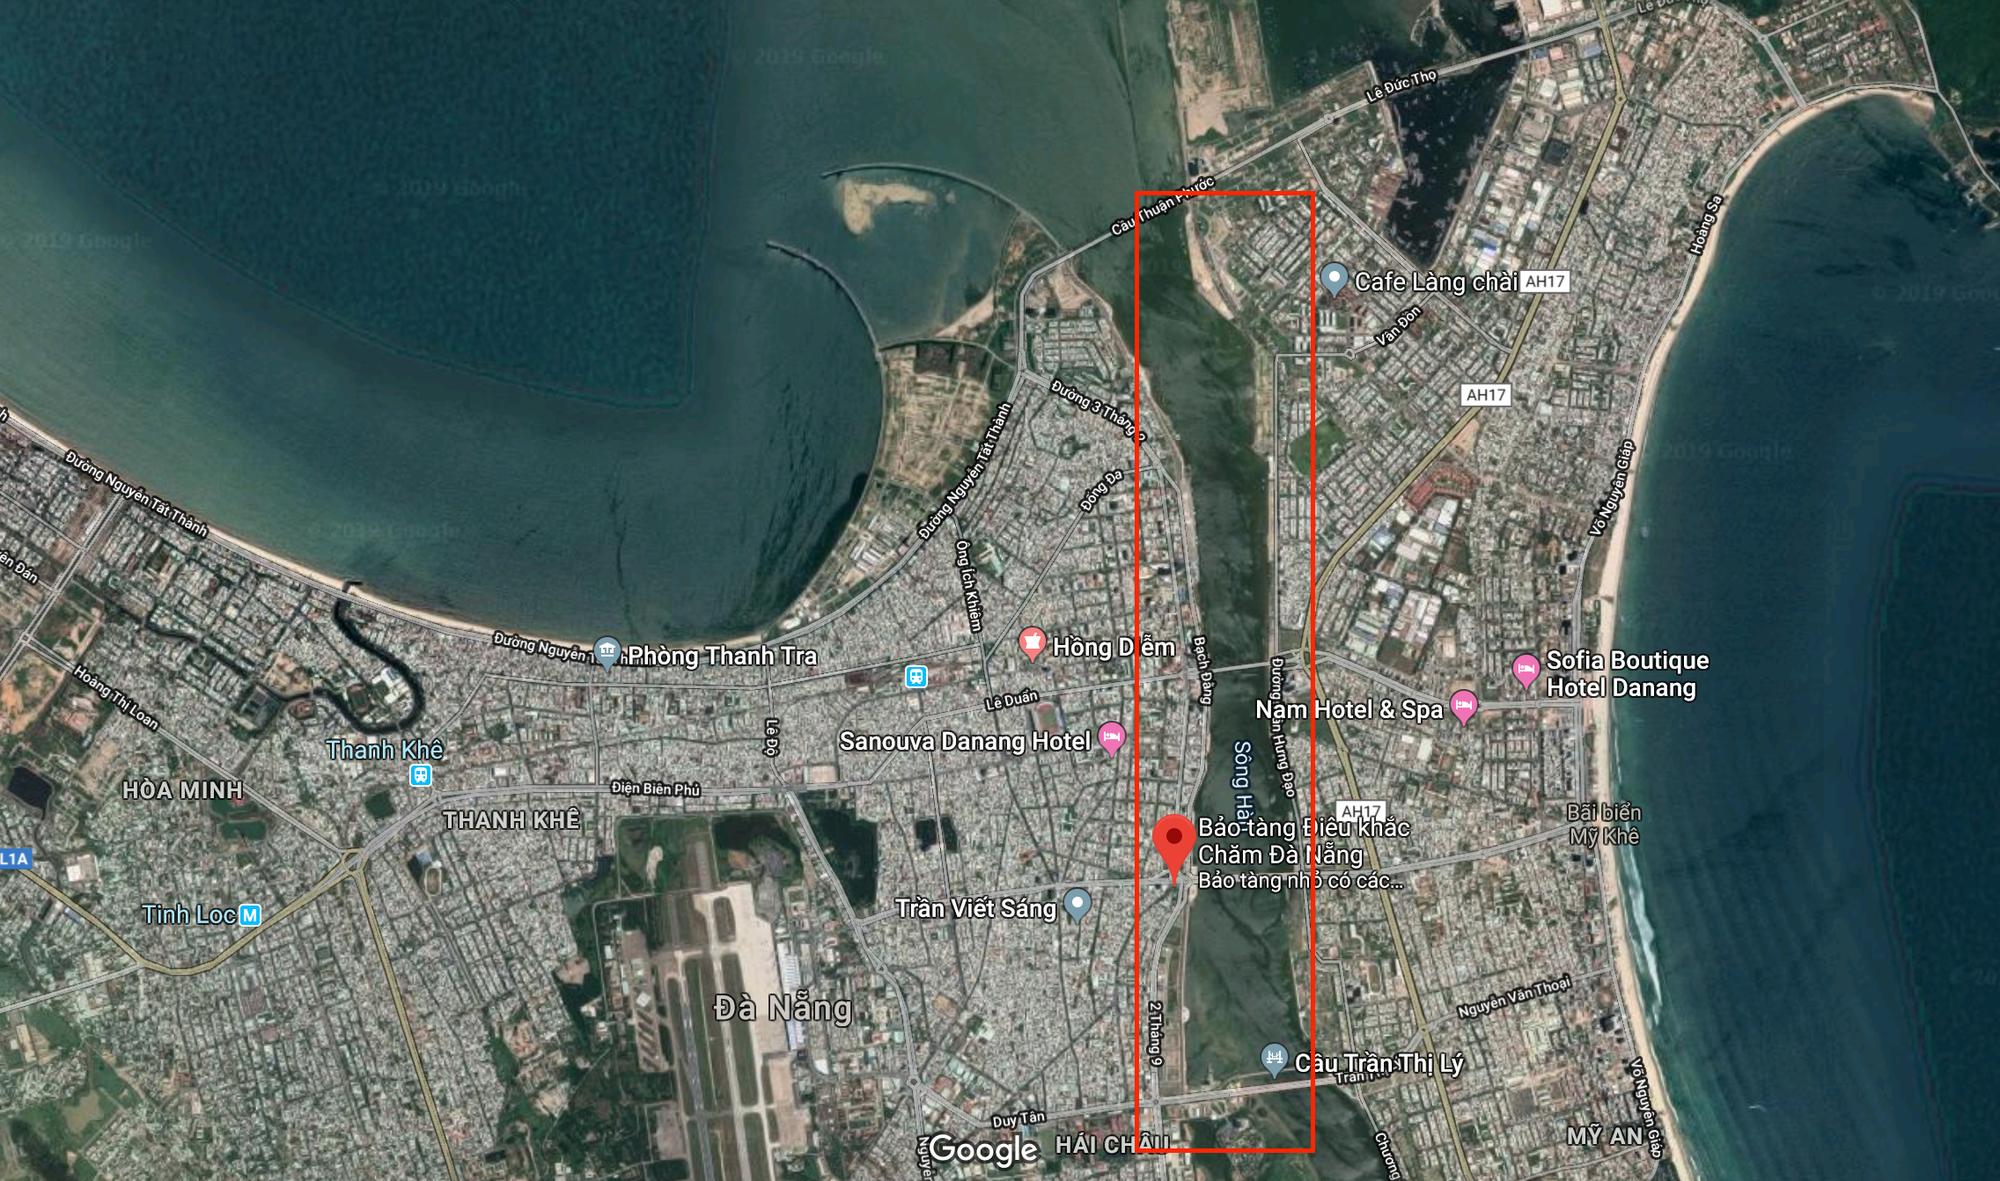 Vụ tạm dừng dự án Marina Complex ở Đà Nẵng: Cận cảnh những công trình, dự án dọc hai bờ sông Hàn hiện nay - Ảnh 2.